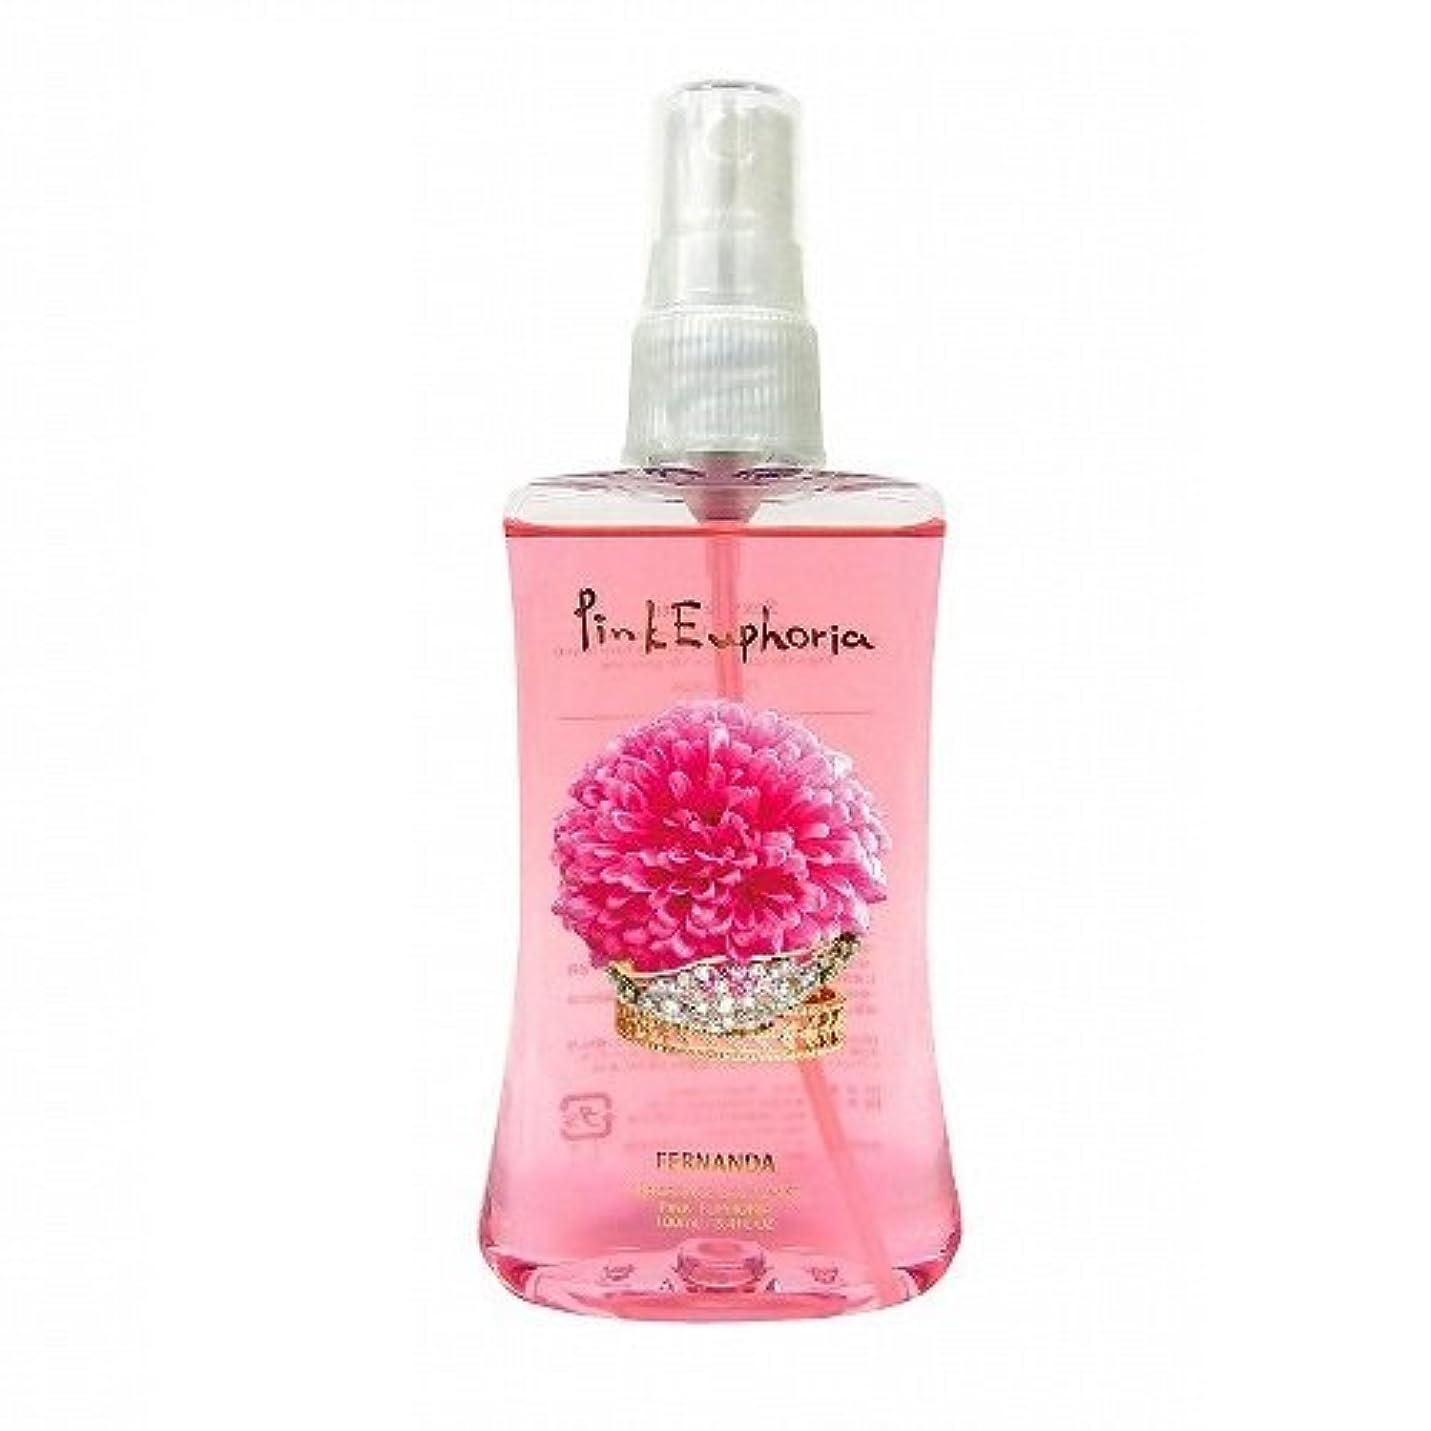 予算ワット認証FERNANDA(フェルナンダ) Body Mist Pink Euphoria (ボディミスト ピンクエウフォリア)